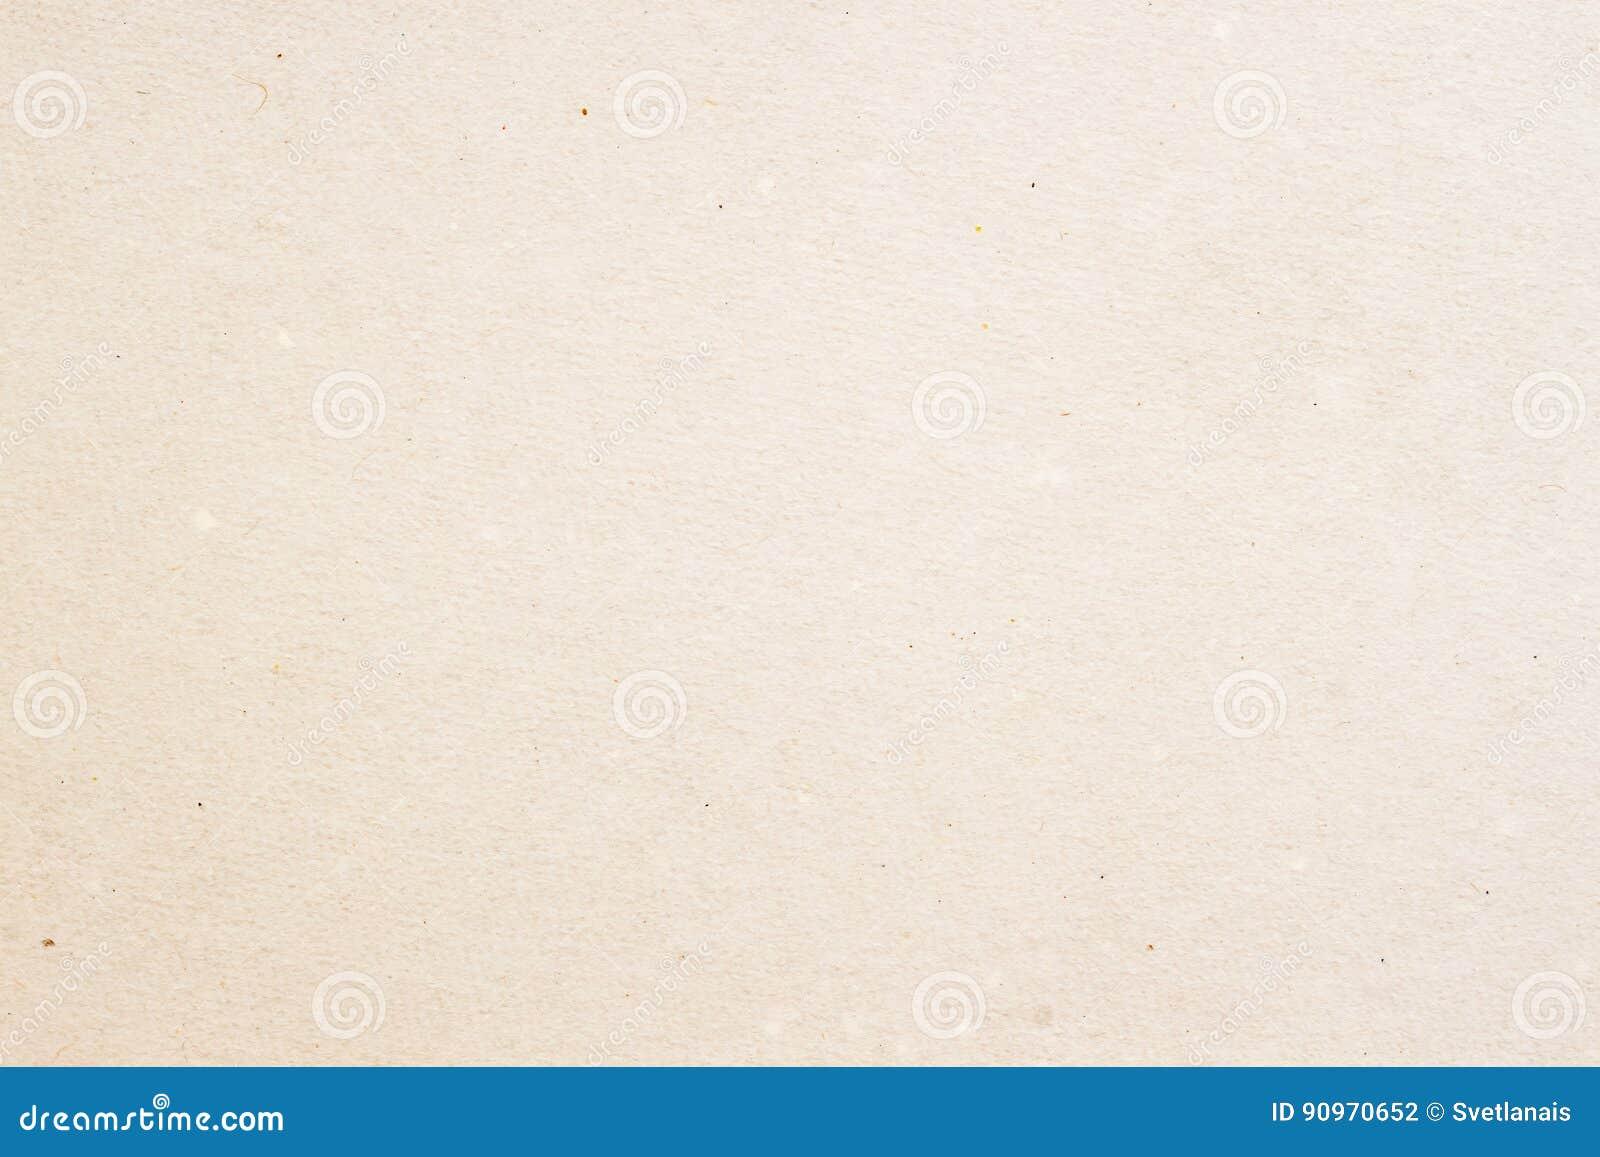 Textura do papel orgânico velho do creme claro, fundo para o projeto com texto do espaço da cópia ou imagem Material reciclável